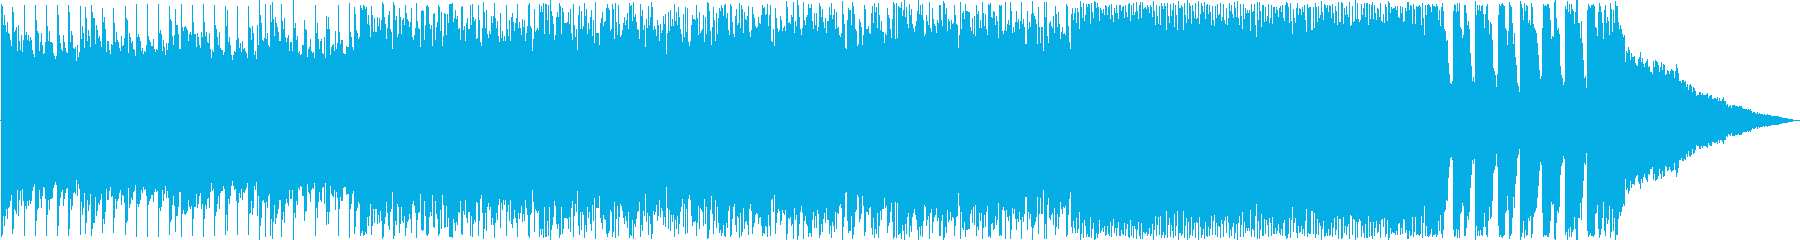 ファンタジーのオープニングの様なバンド曲の再生済みの波形